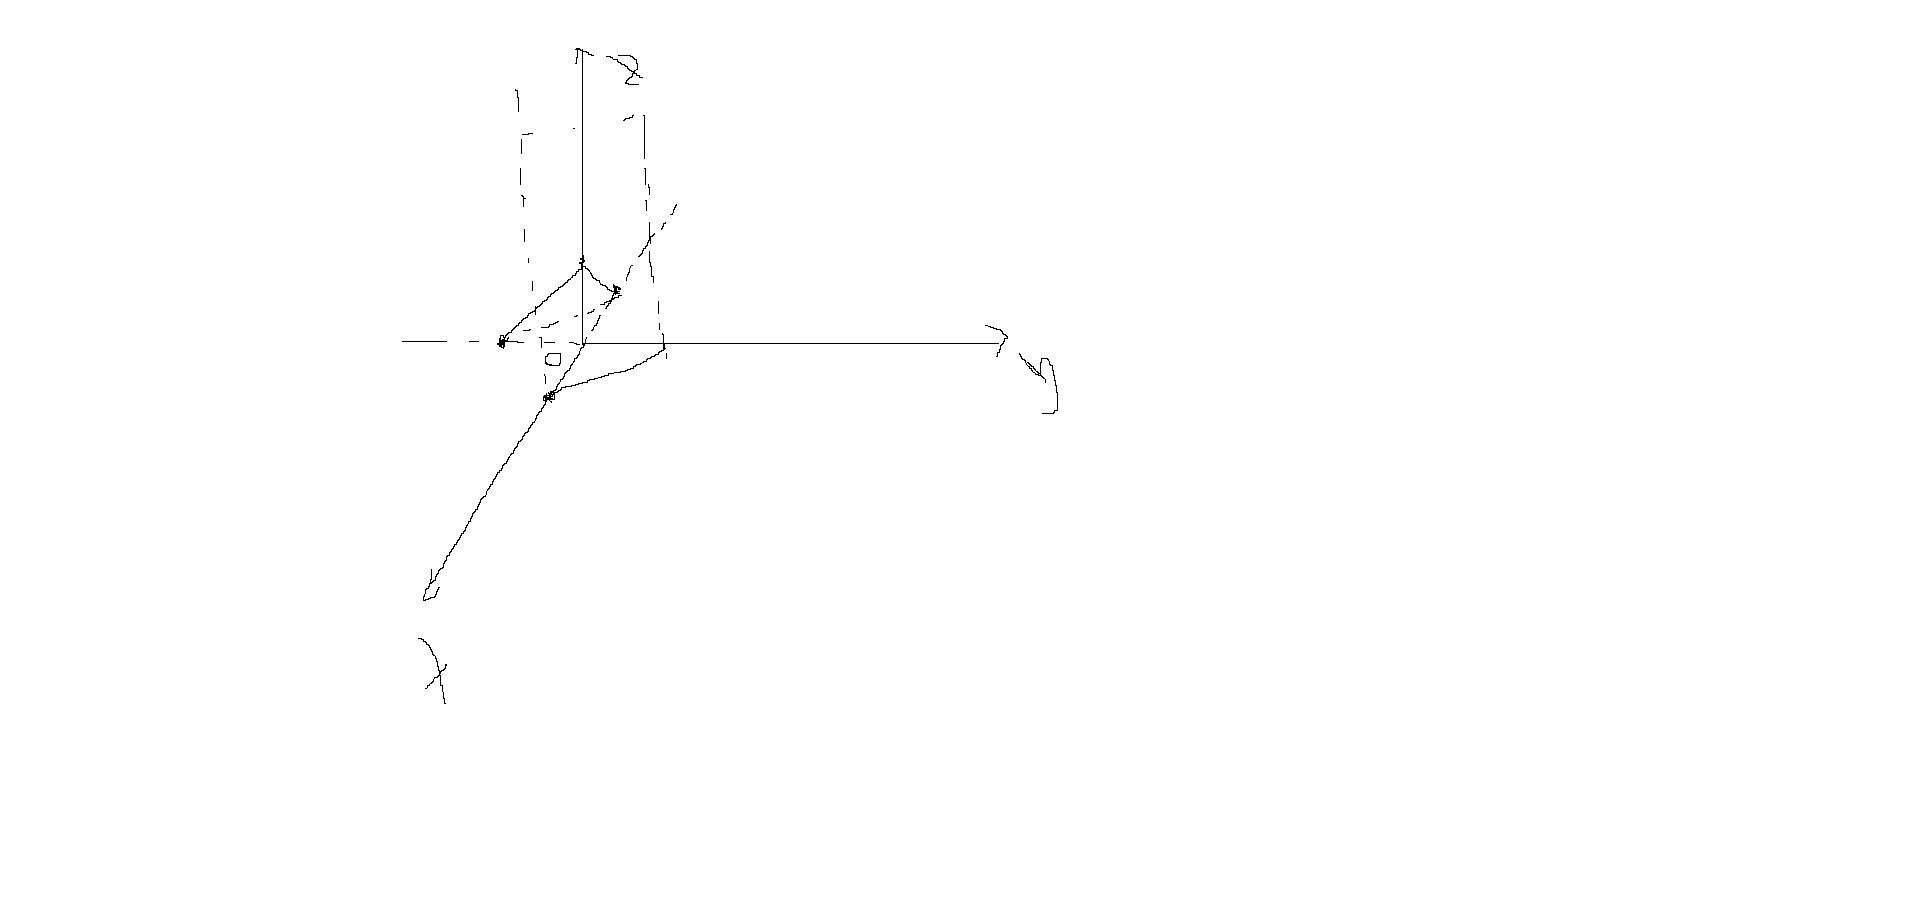 求����y�$9.���dy��y��9�y�_求f(x,y)=x^y在(1,1)点的泰勒展式到三阶项 高等数学